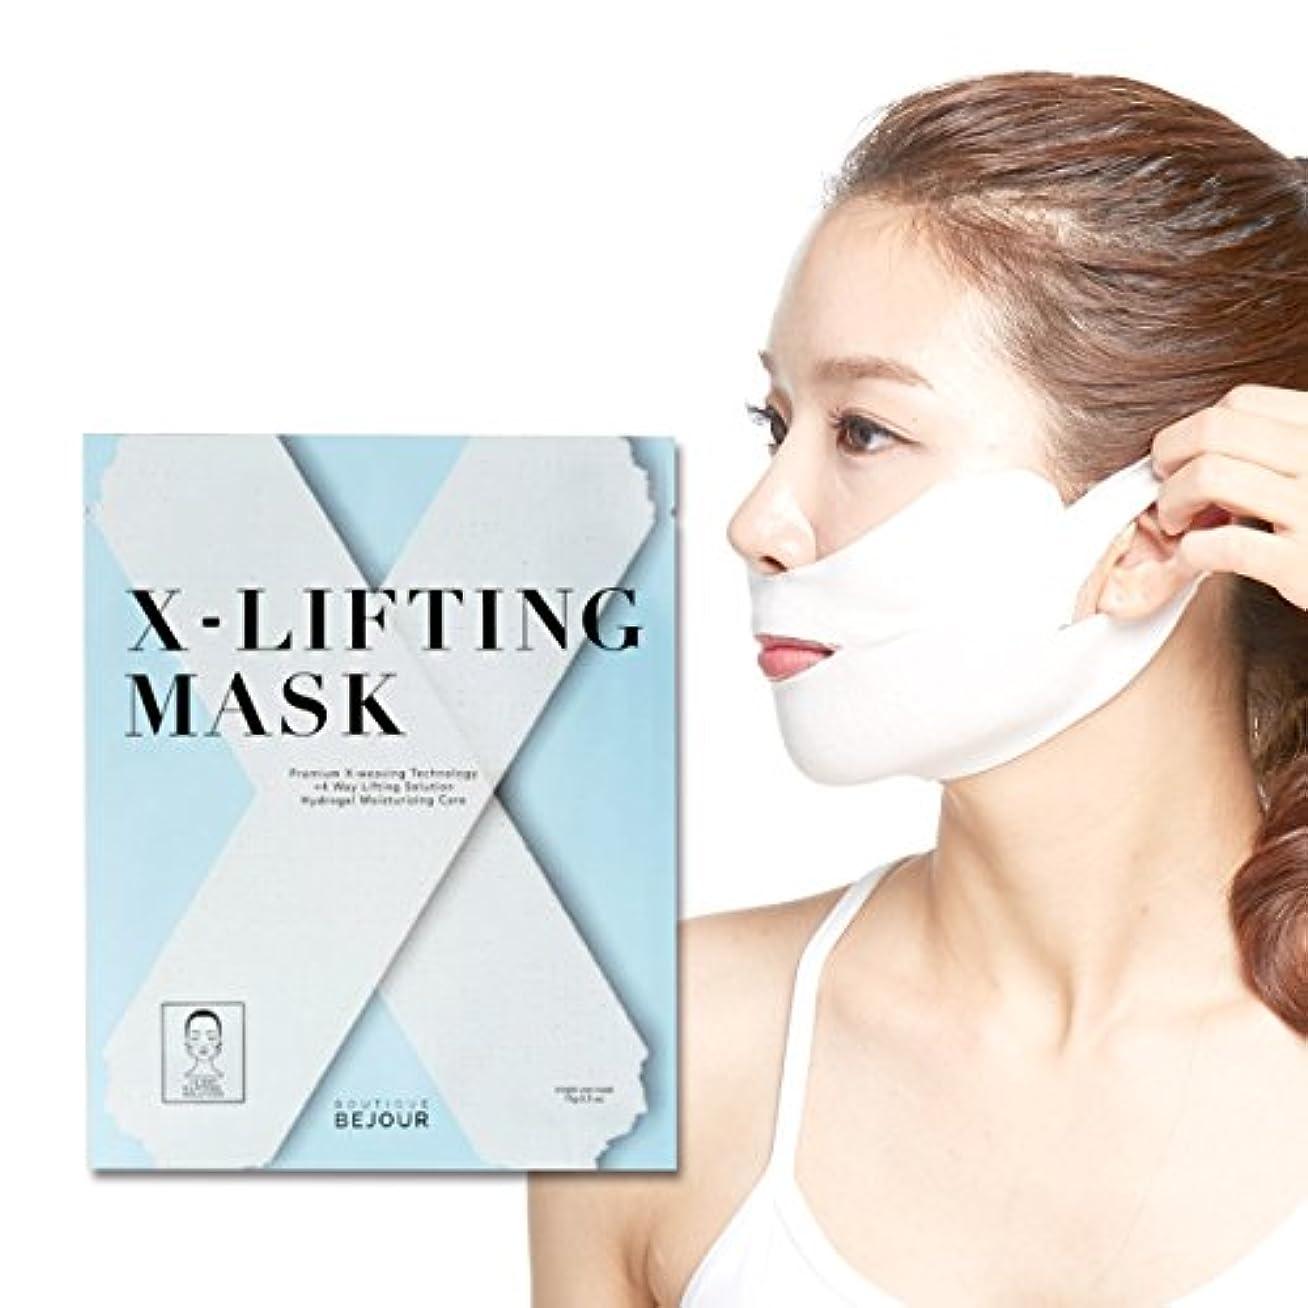 ペースト会計アンドリューハリディ< ビジュール > X-Lifting (エックスリフティング) マスク [ リフトアップ フェイスマスク フェイスシート フェイスパック フェイシャルマスク シートマスク フェイシャルシート フェイシャルパック ローションマスク ローションパック 顔パック ]